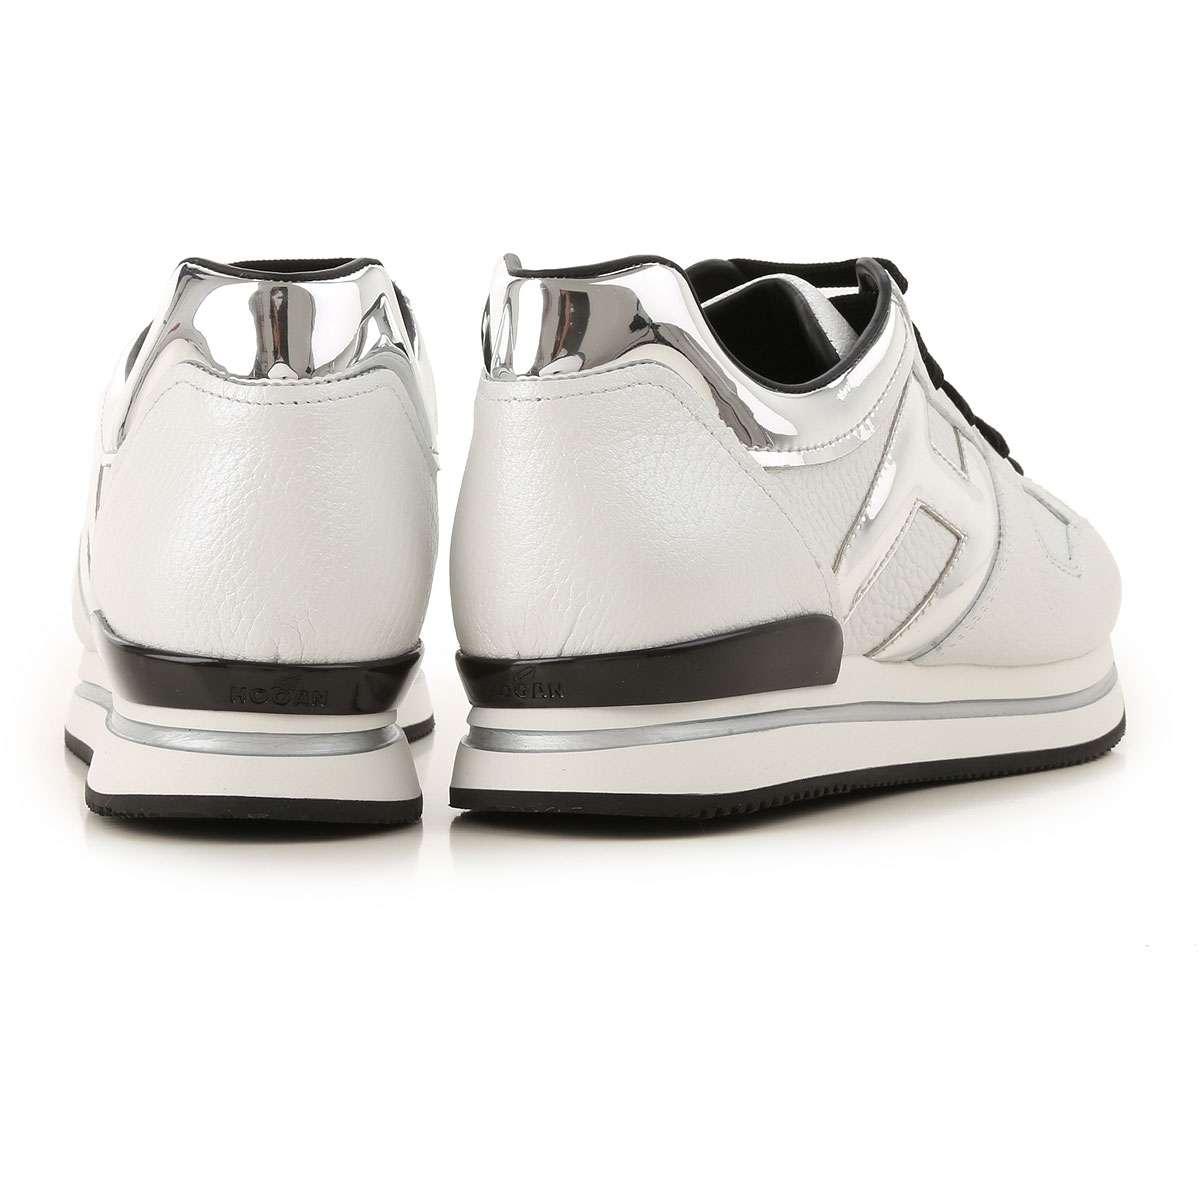 https://www.parmax.com/media/catalog/product/a/i/AI-outlet_parmax-scarpe-donna-Hogan-hxw2220t548ljz0351-D.jpg